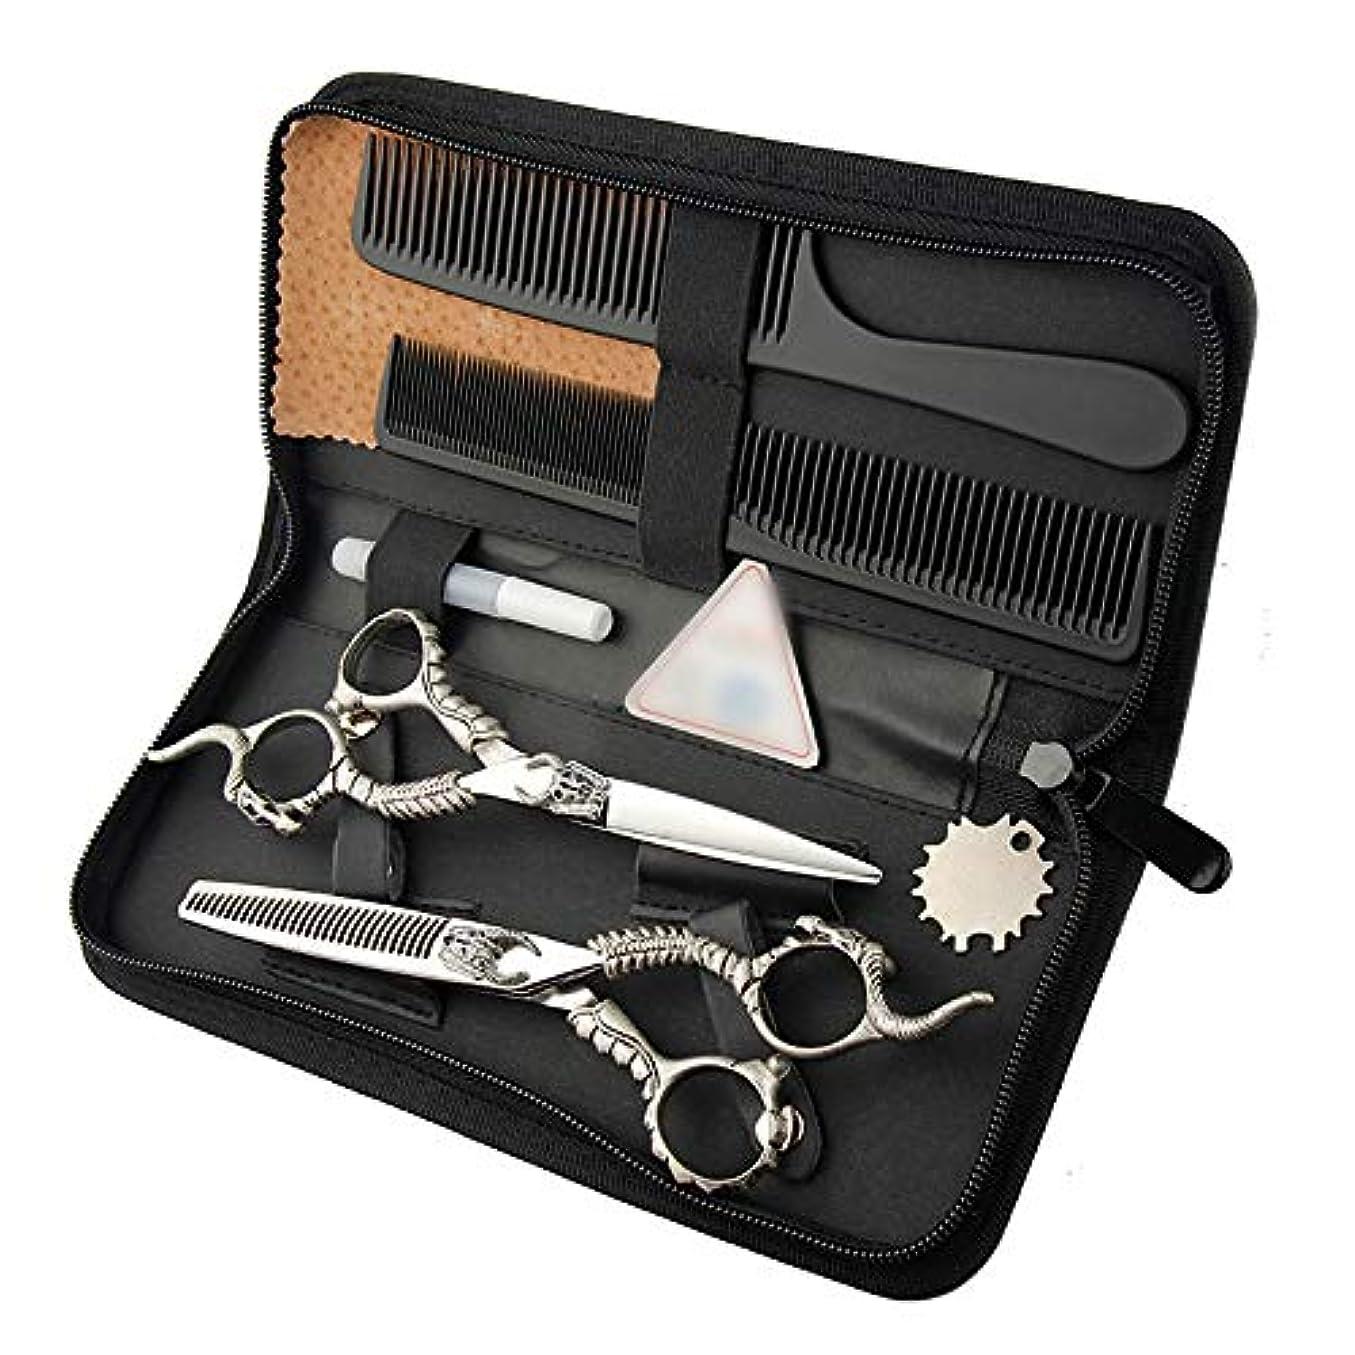 いつ消毒する祭り6インチ美容院プロのヘアカットレトロハンドルはさみツールセット モデリングツール (色 : Silver)